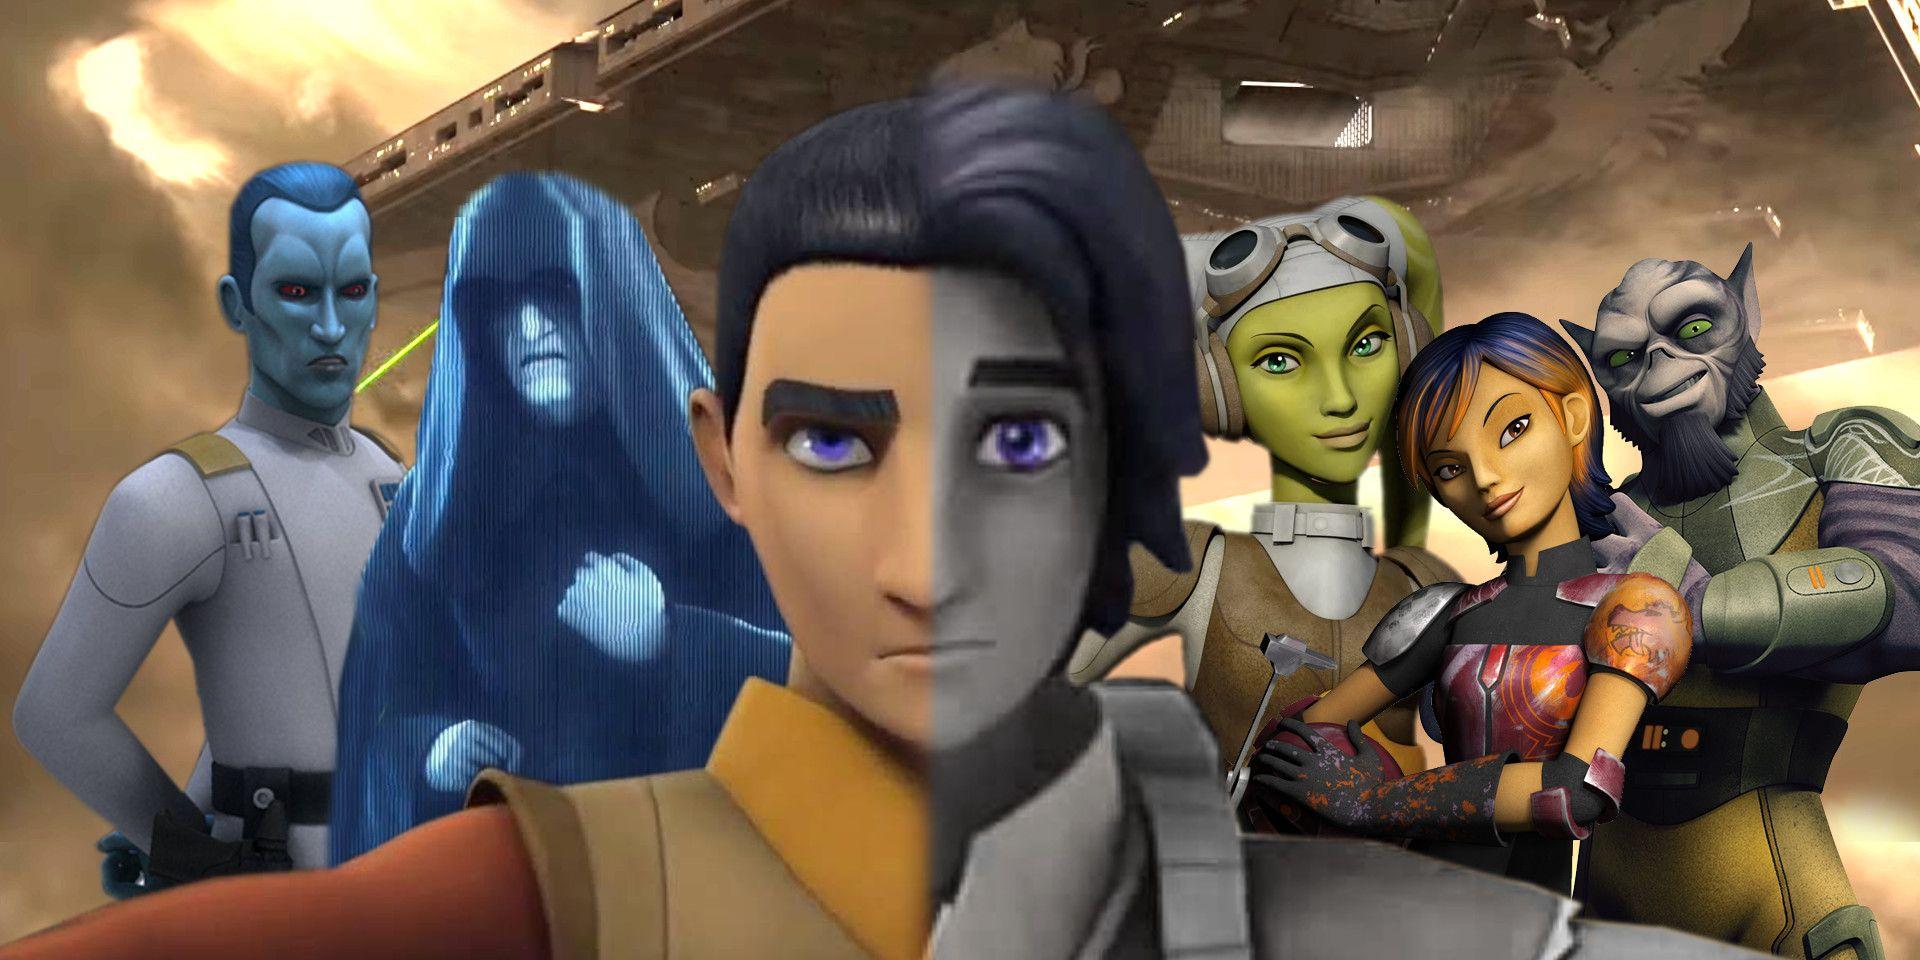 Star wars rebels luke skywalker thank